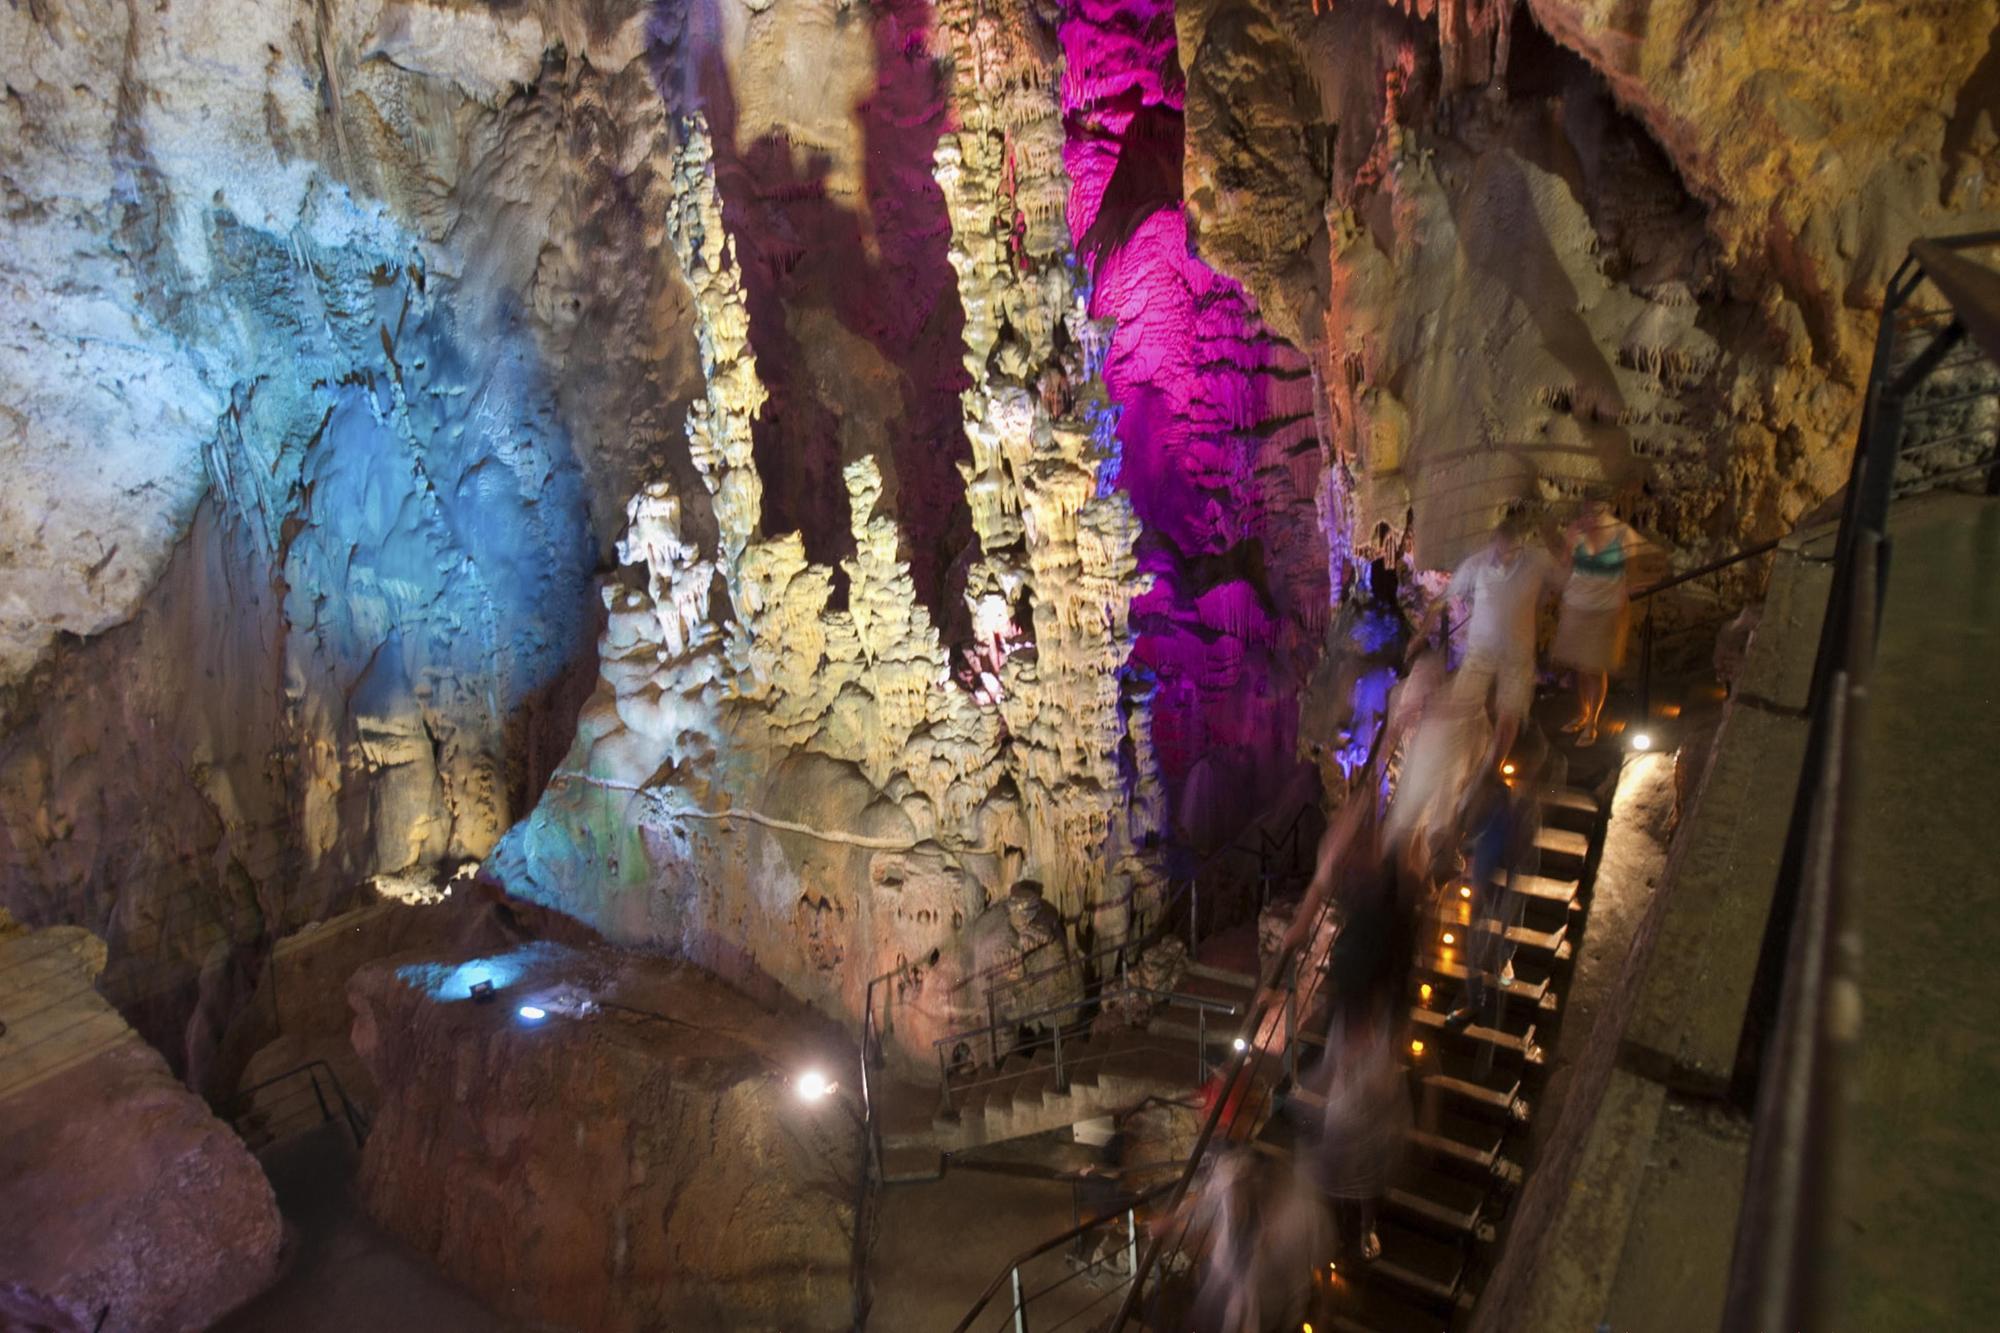 Cueva Canelobrei, Bussot02.JPG